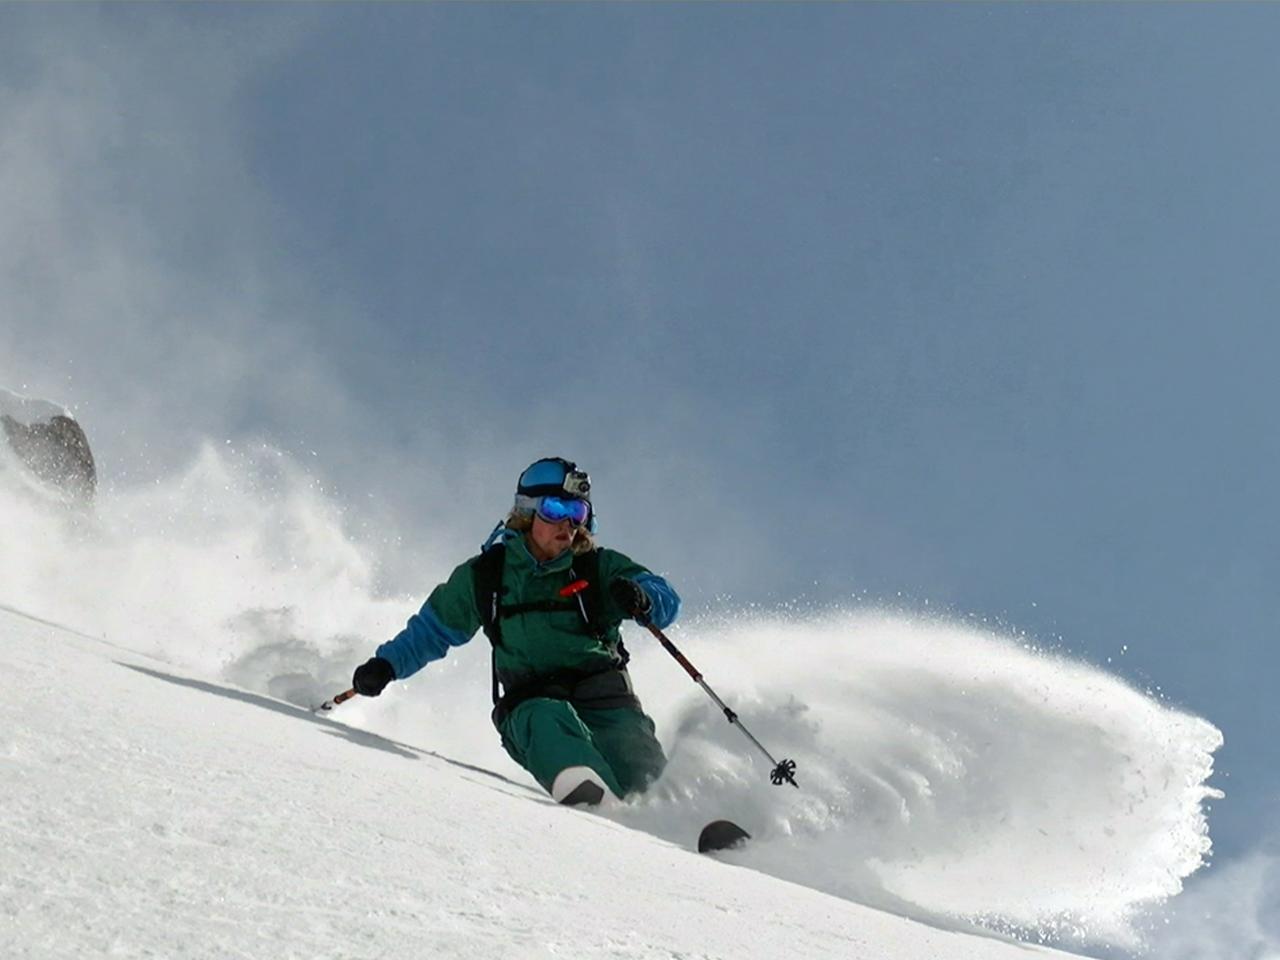 Activiteiten - Freeride sneeuw spray